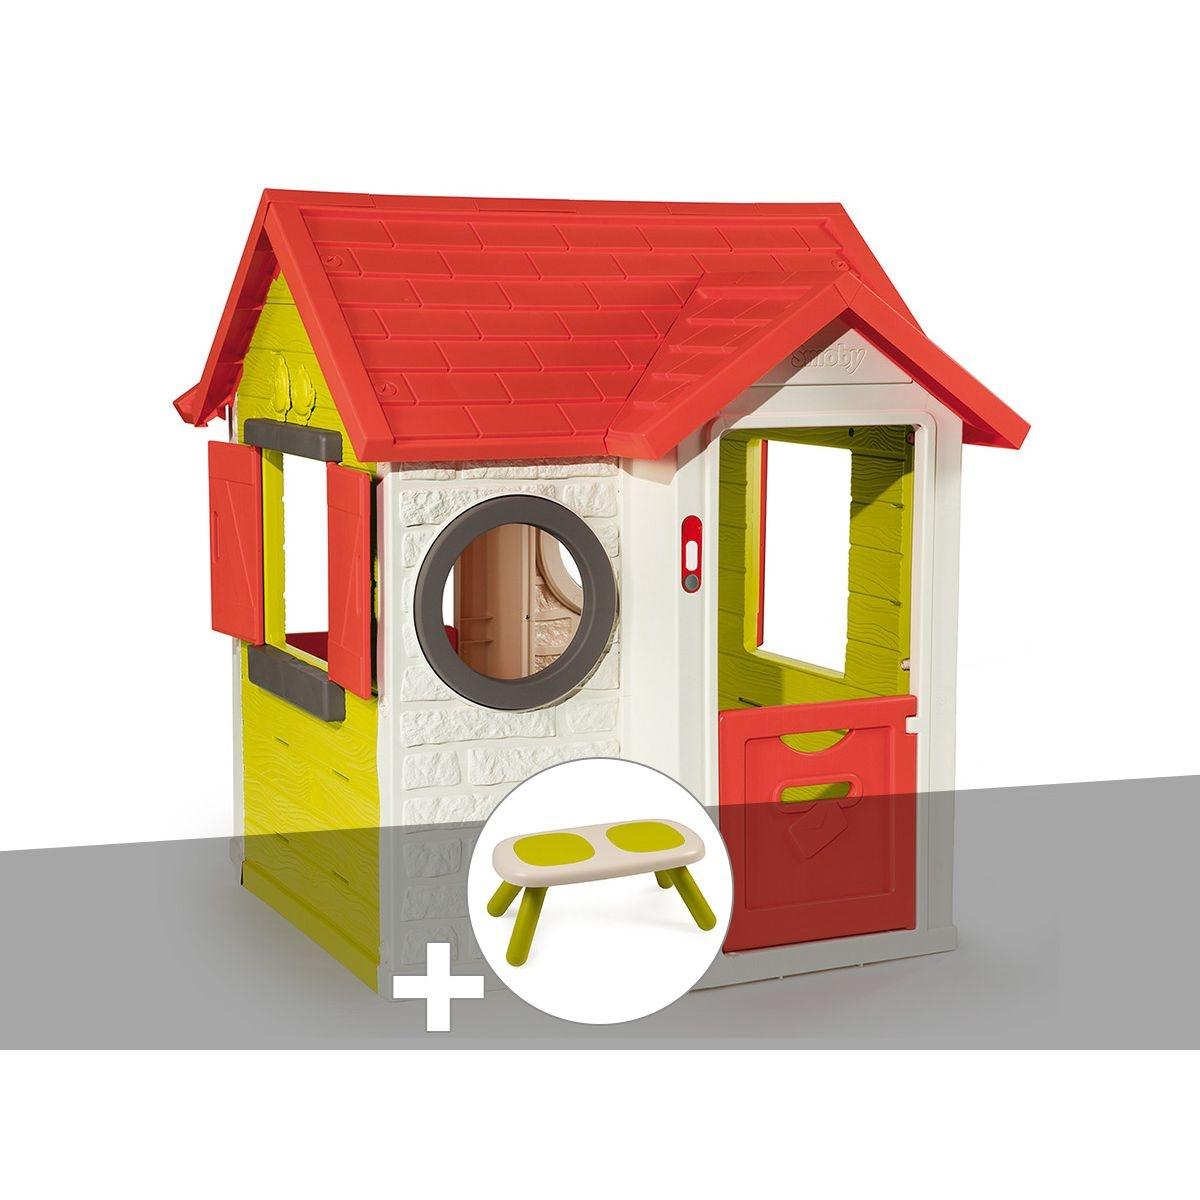 Cabane enfant My House - Smoby + Banc